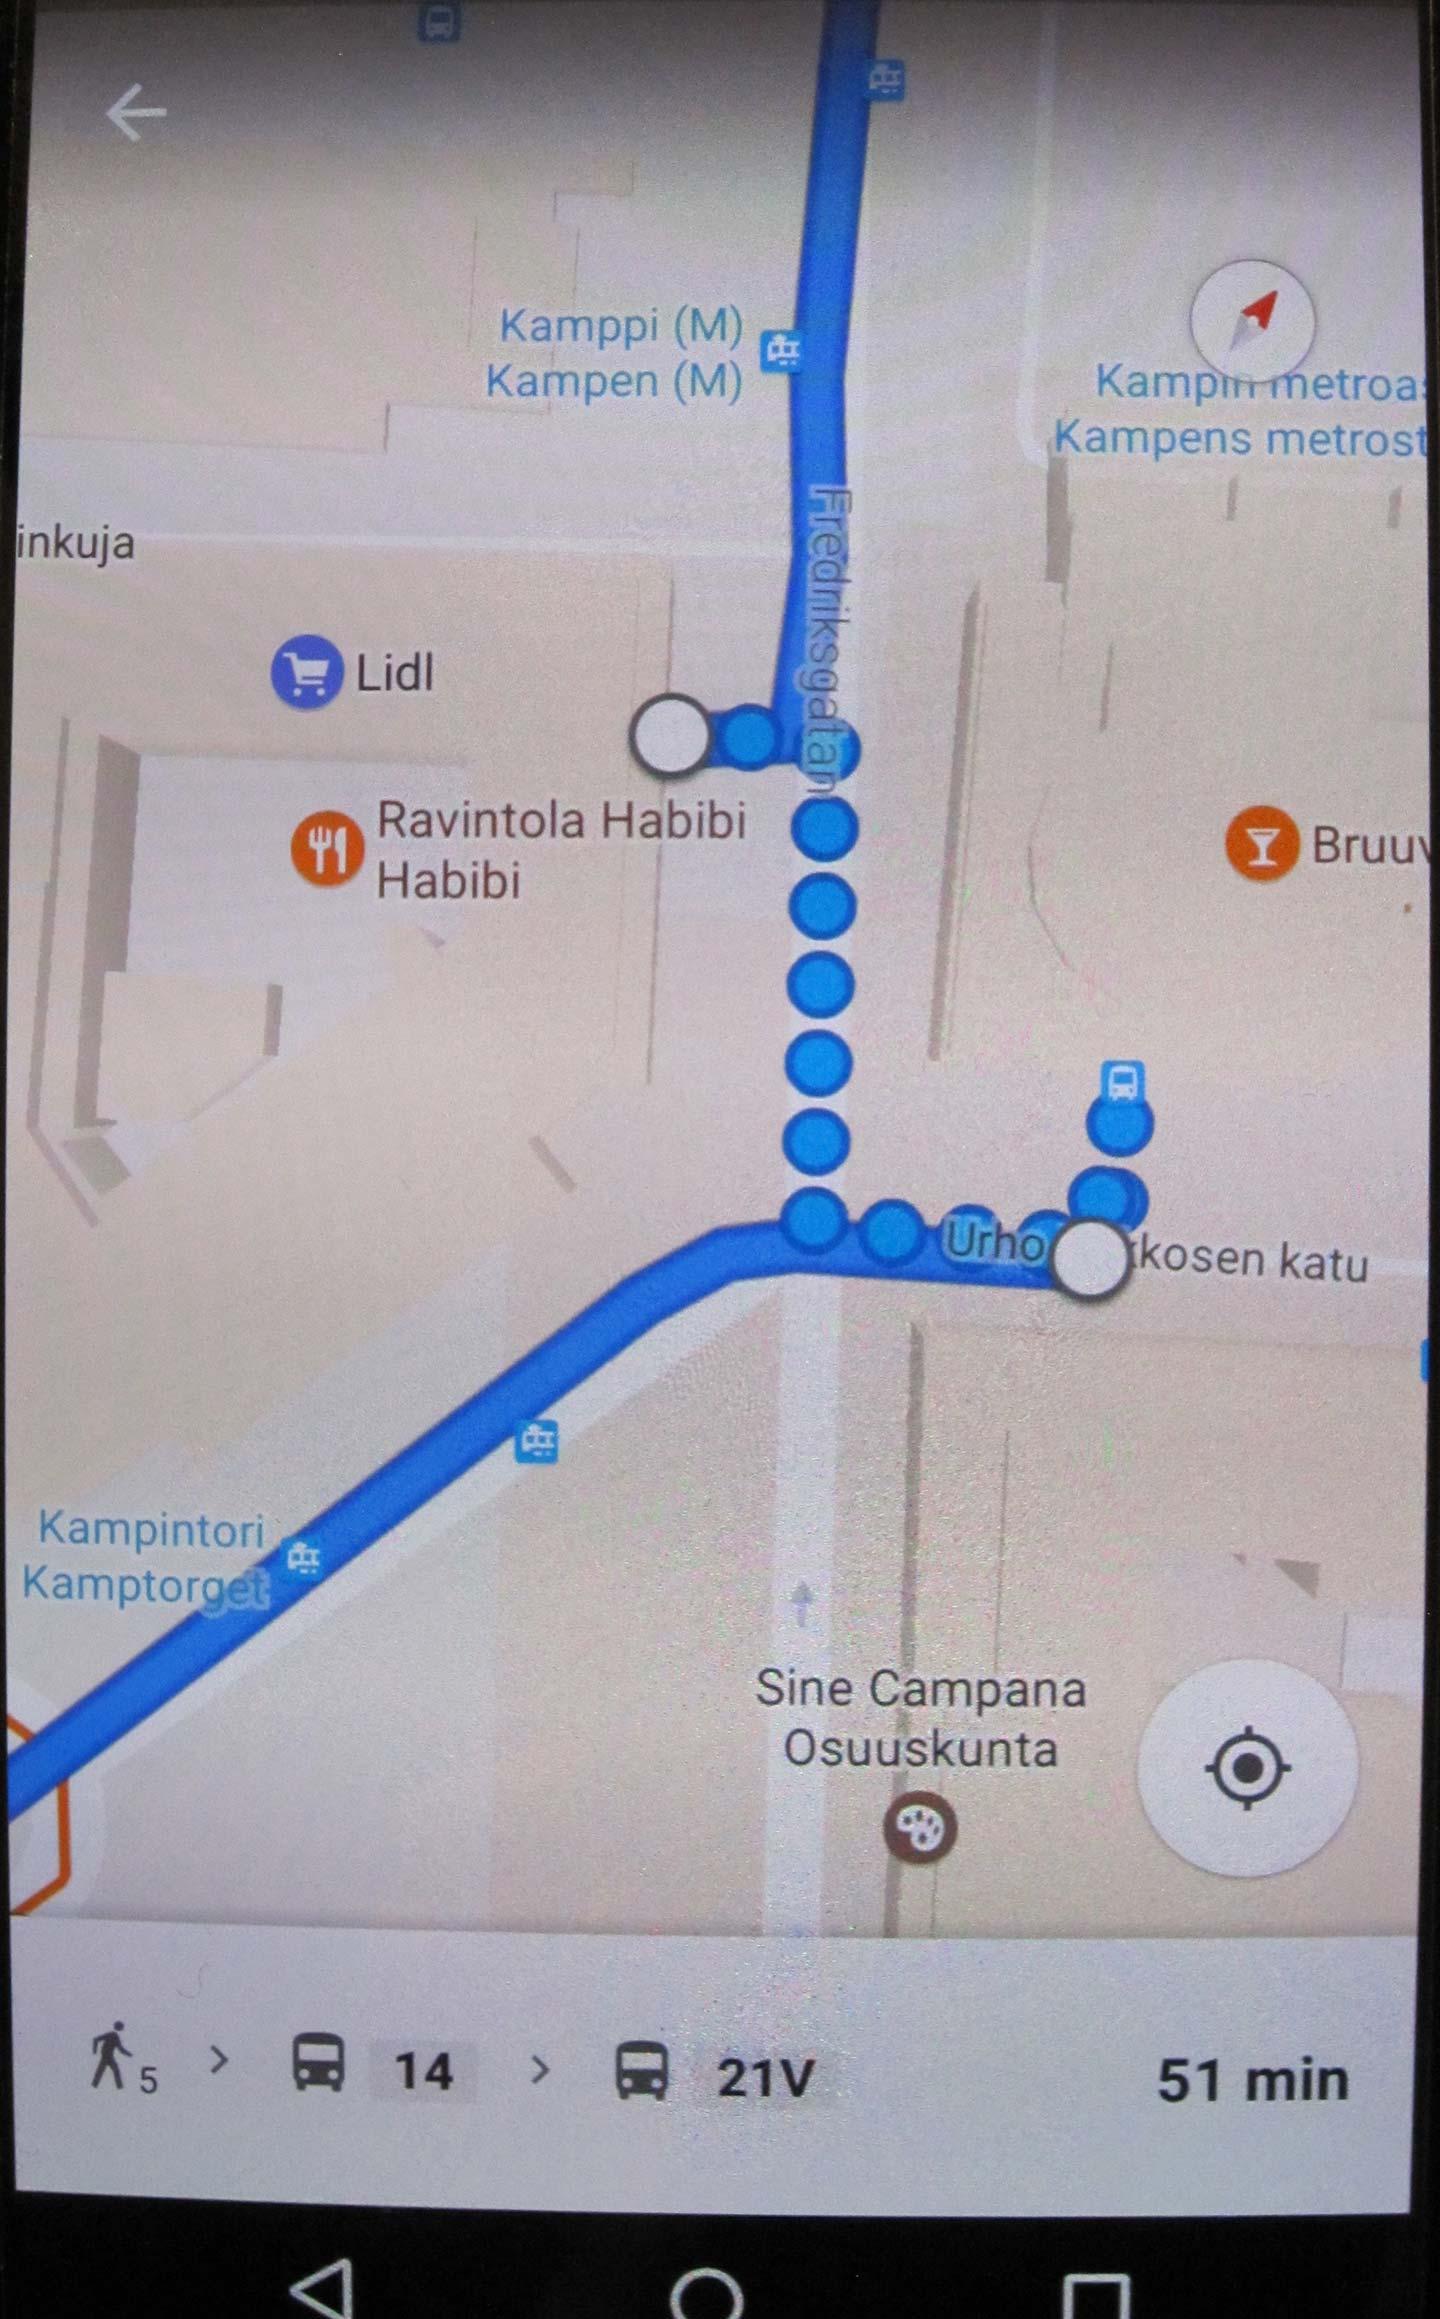 Google Maps Joukkoliikenteen Reittioppaana